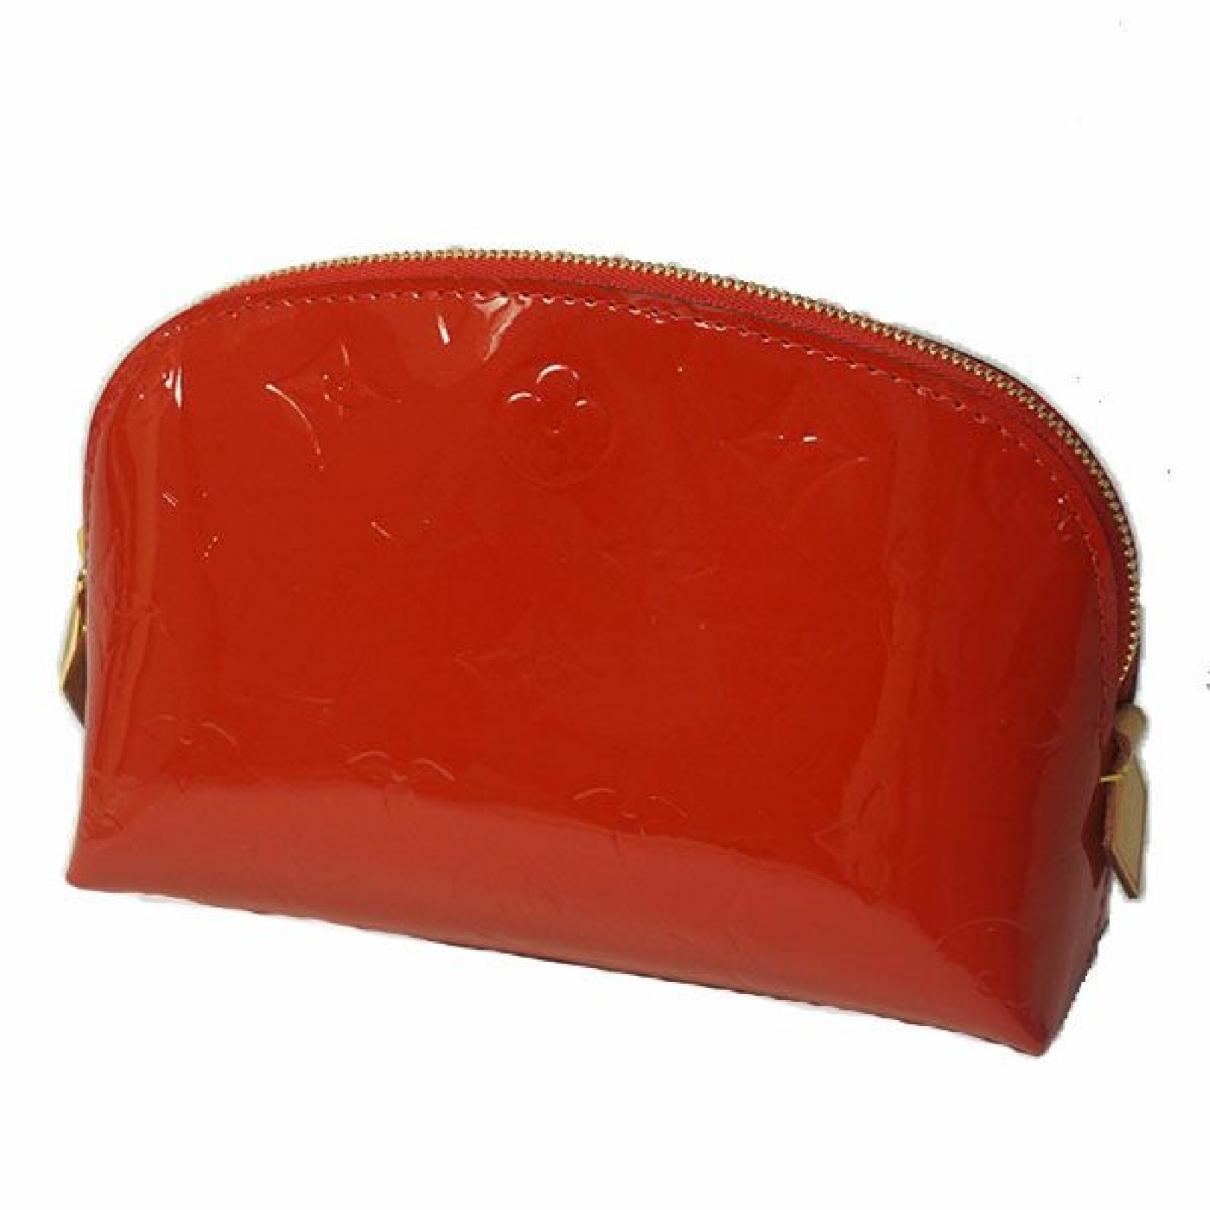 Louis Vuitton - Petite maroquinerie   pour femme en autre - rouge